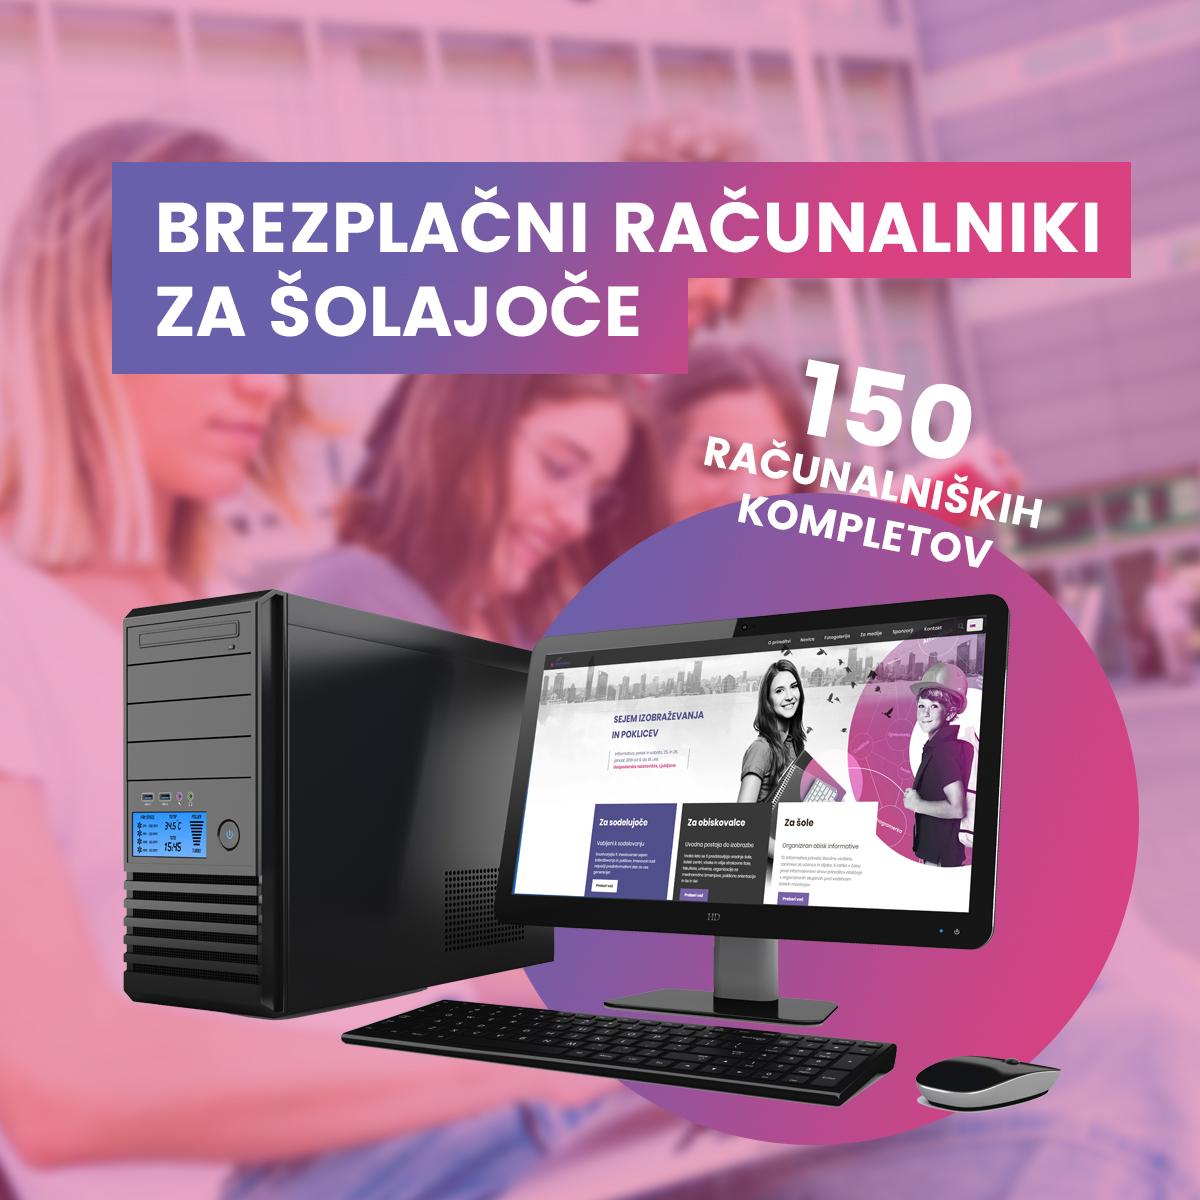 (Slovensko) Duh časa na Informativi